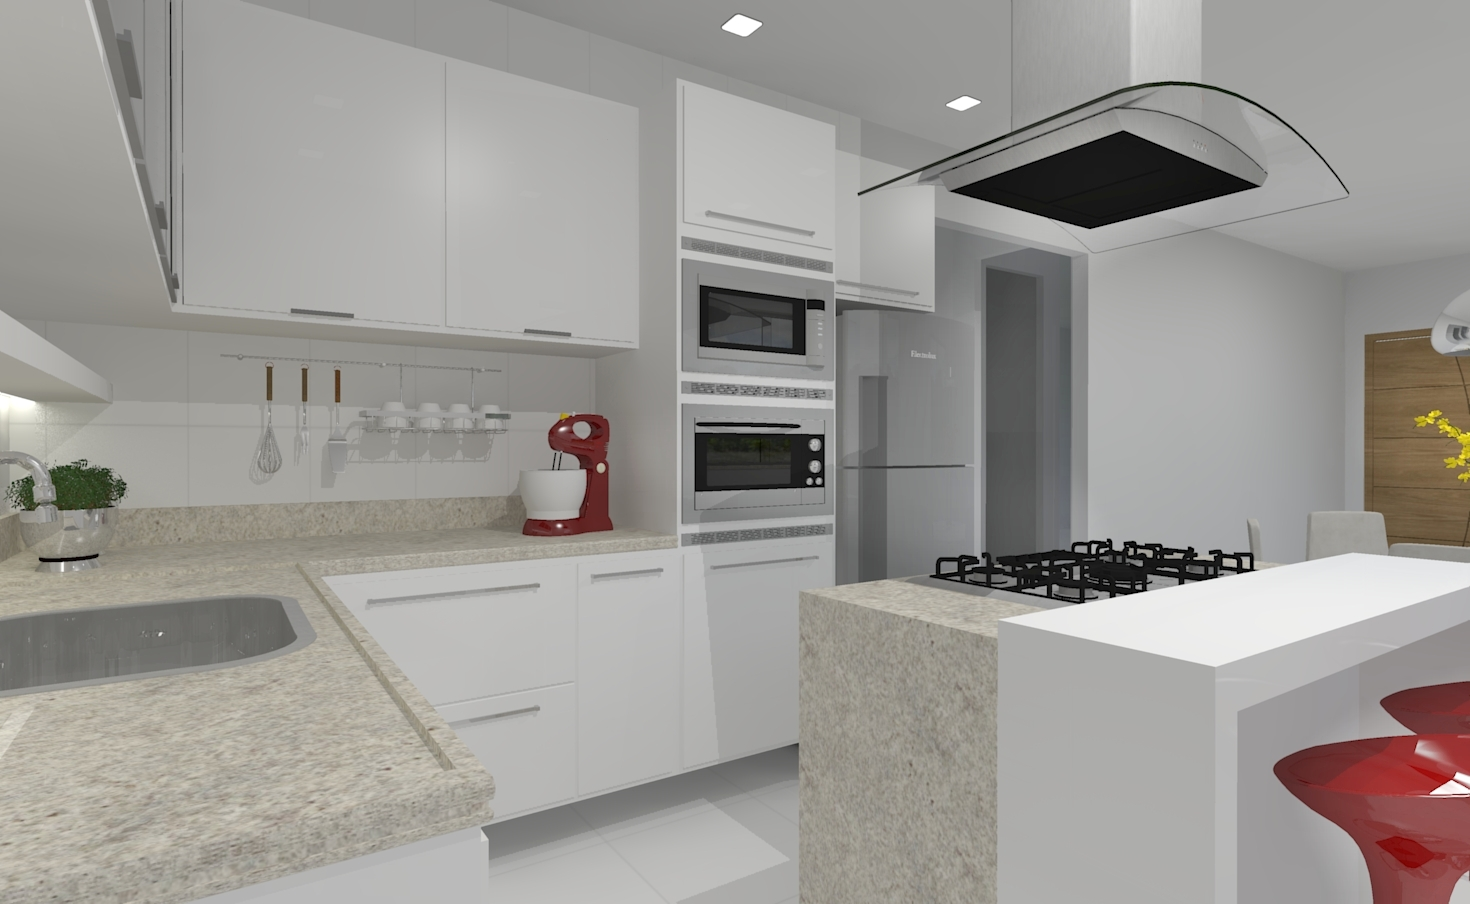 Esta cozinha desenhada é o 3D de uma planta baixa. A moradora queria  #7C3834 1470 904